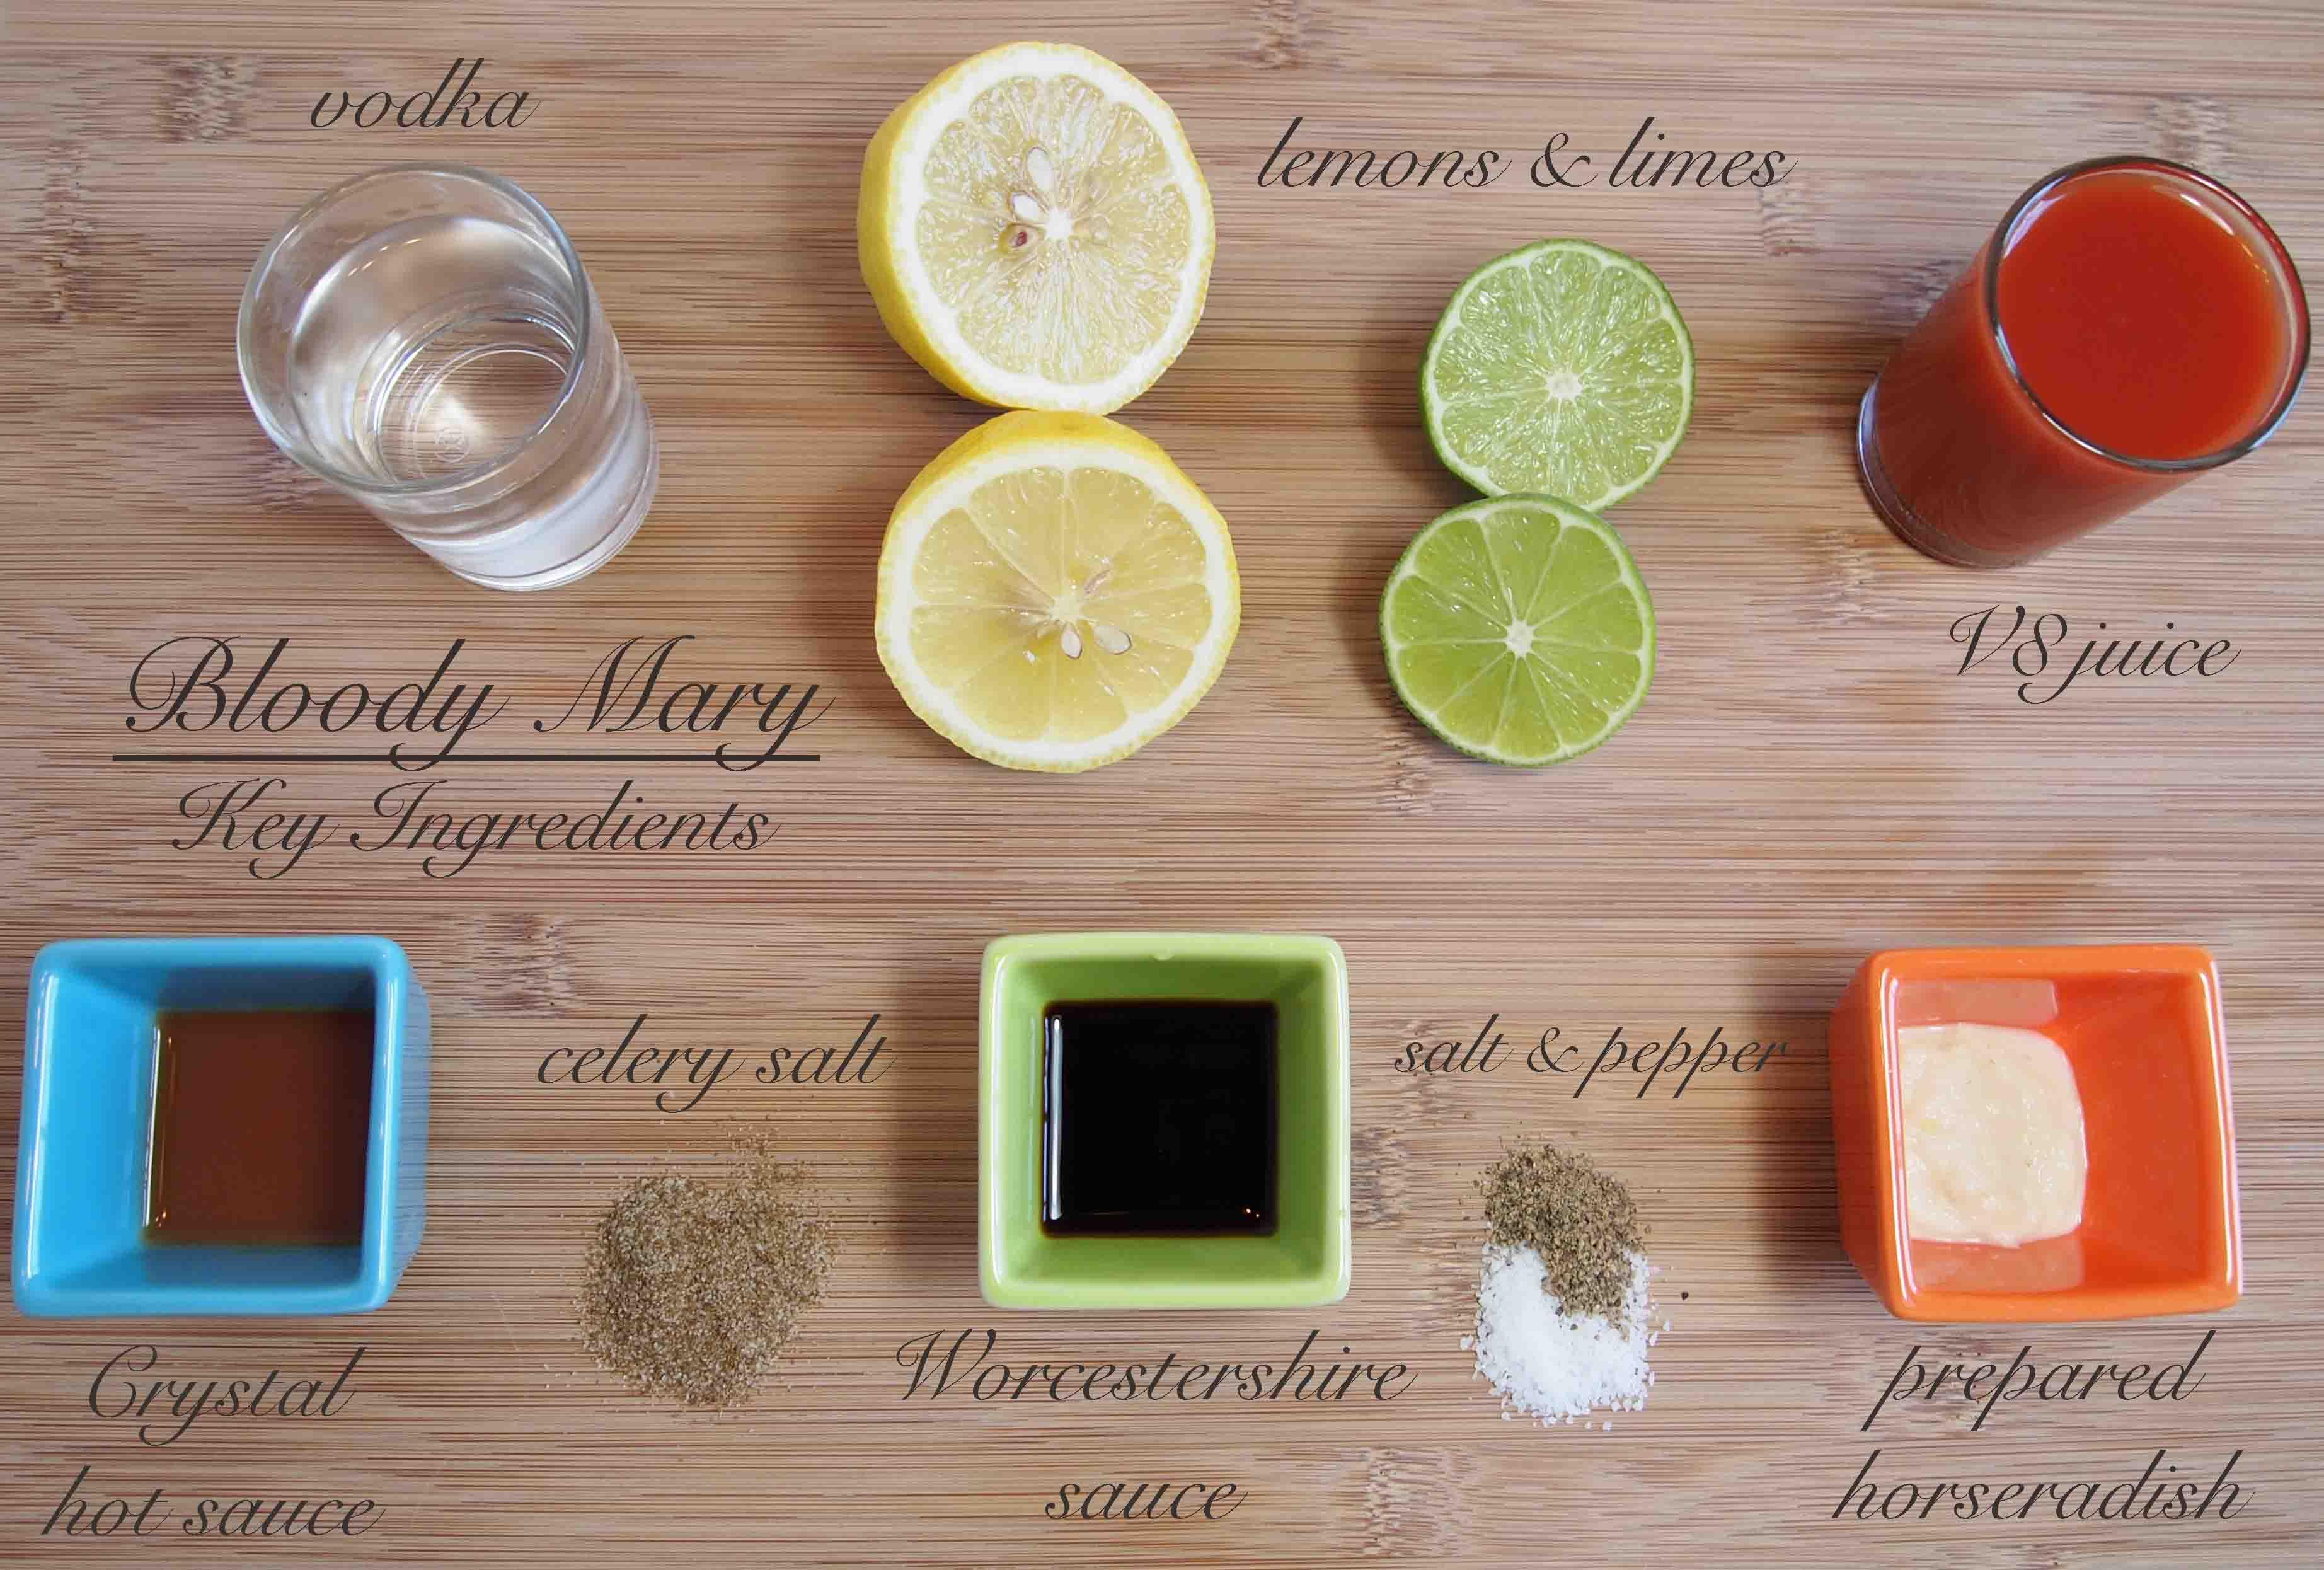 Ingredientes para Bloody Mary